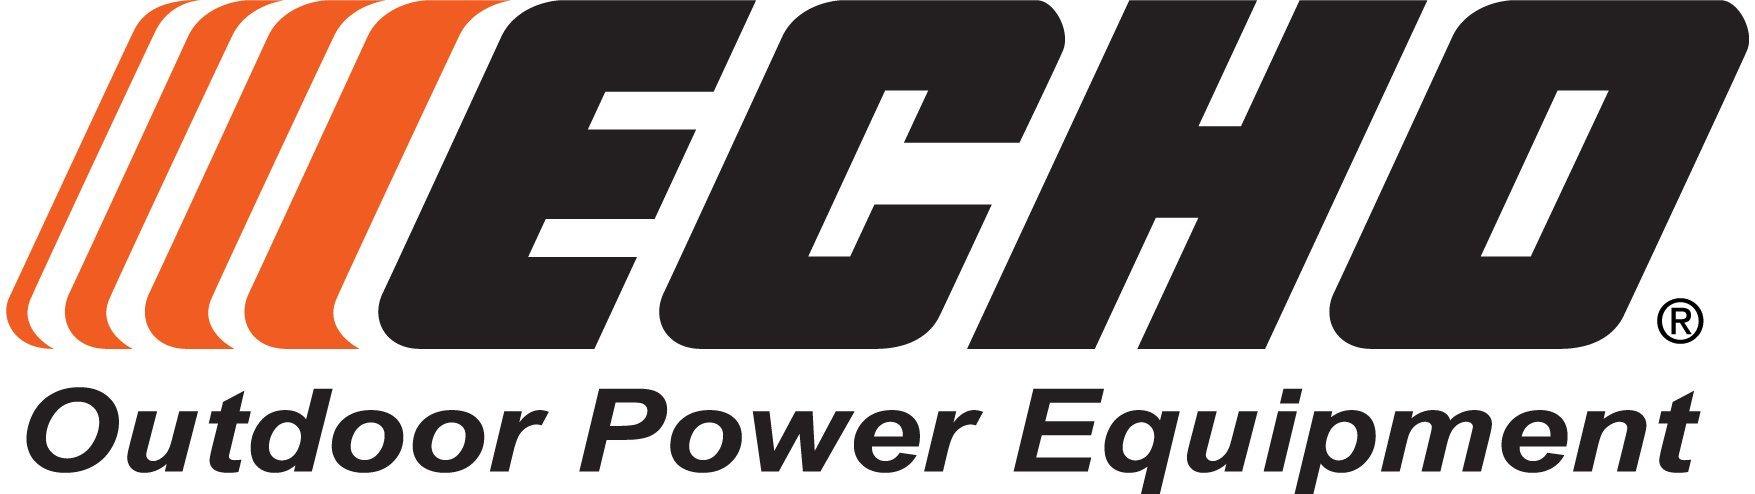 ECHO Apparel Value Pack (Sport/Landscape Gloves, Safety Glasses, & Hat)